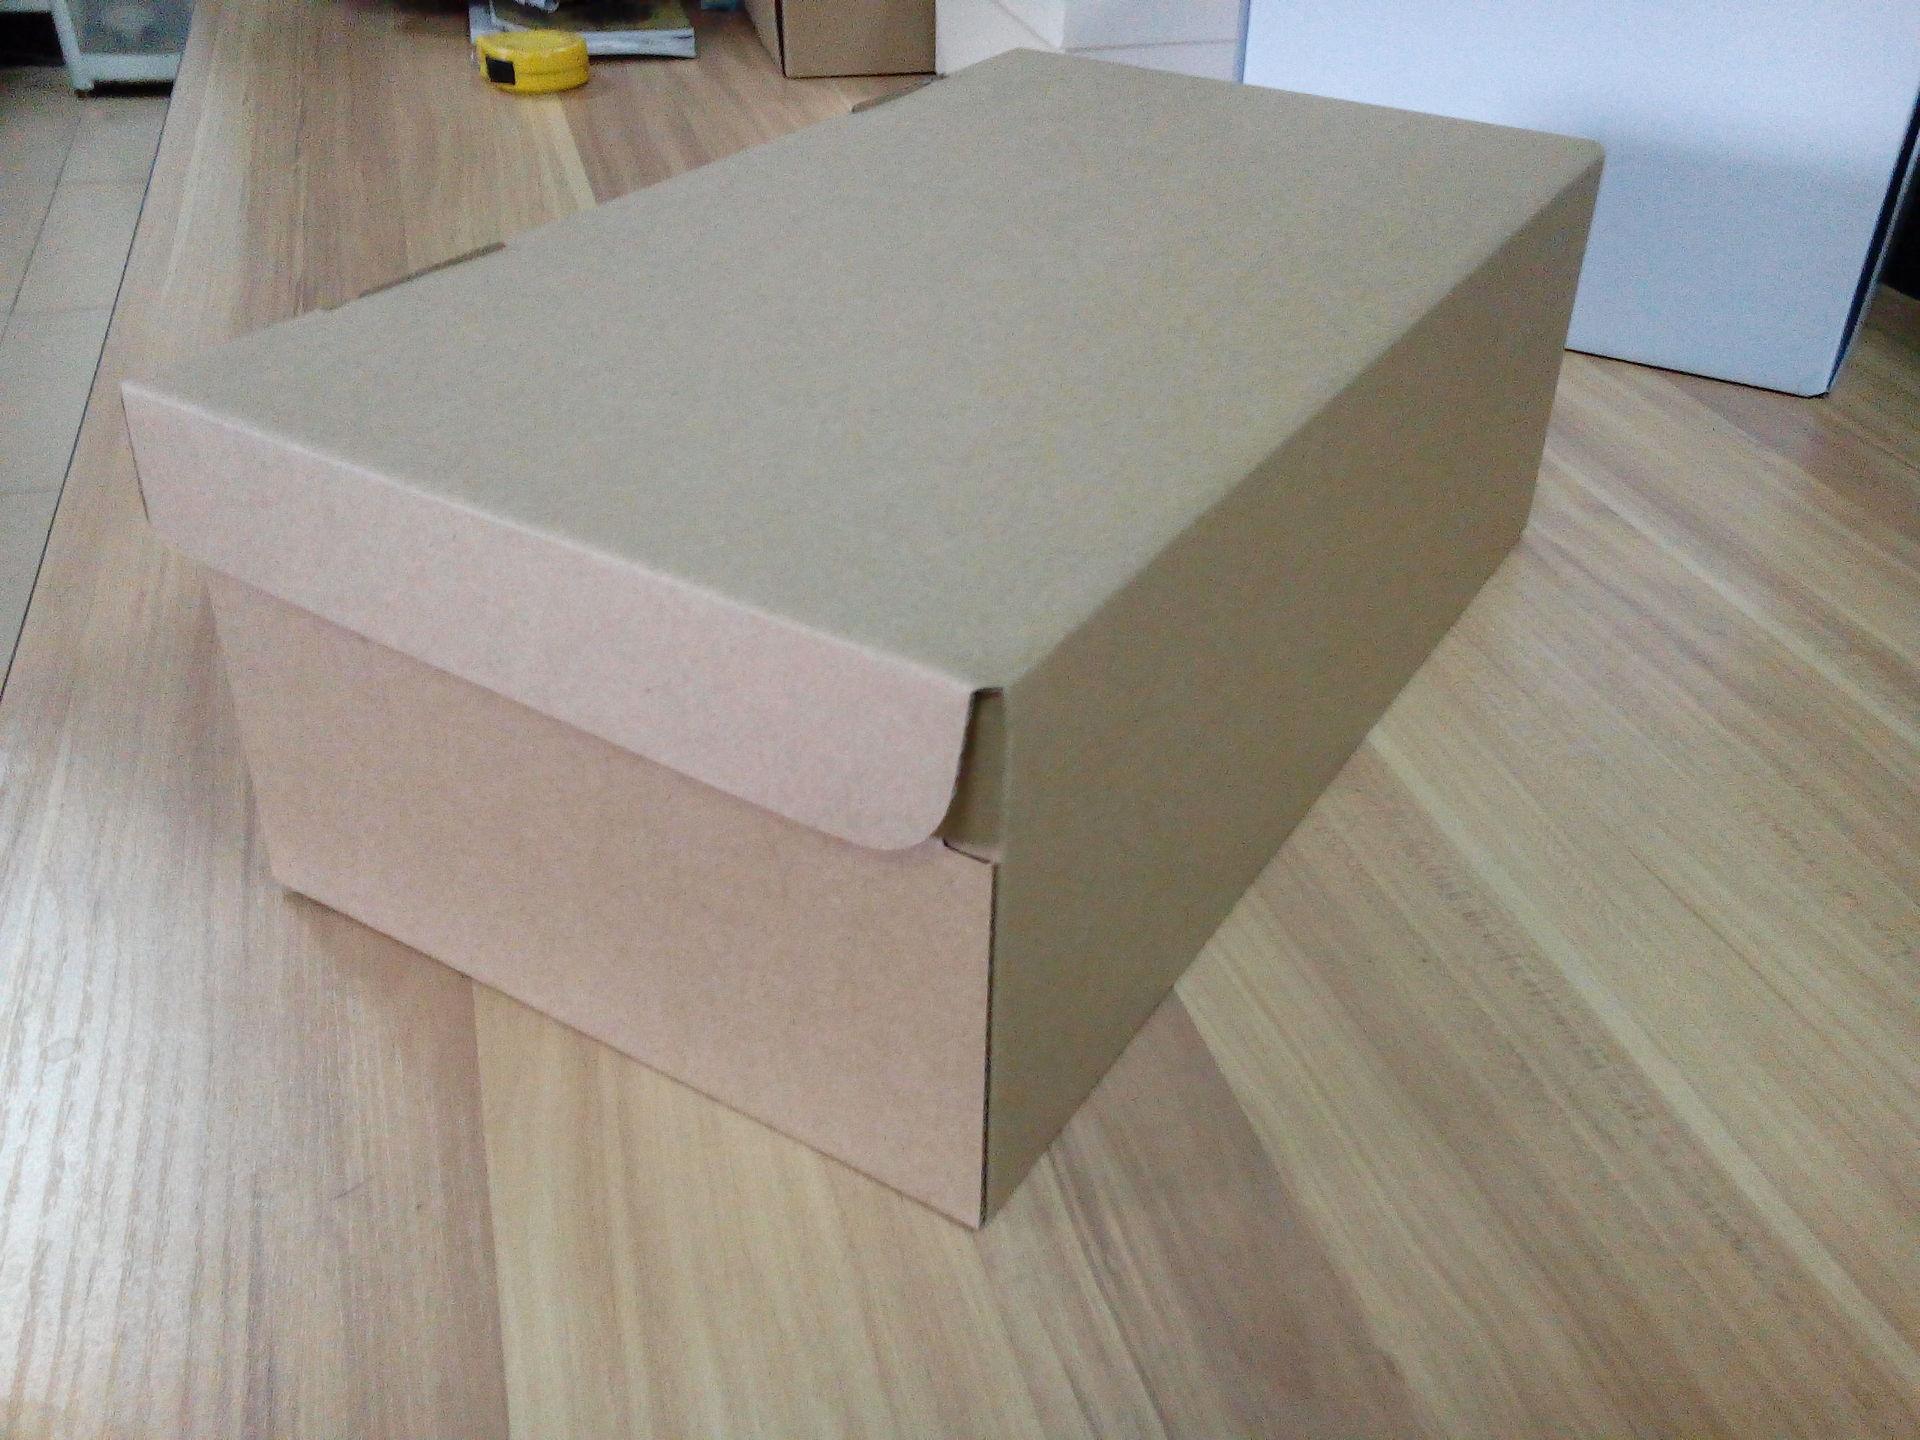 纸盒-315*185*115MM新款眼镜包装盒天猫淘男鞋阀操作使用说明图片